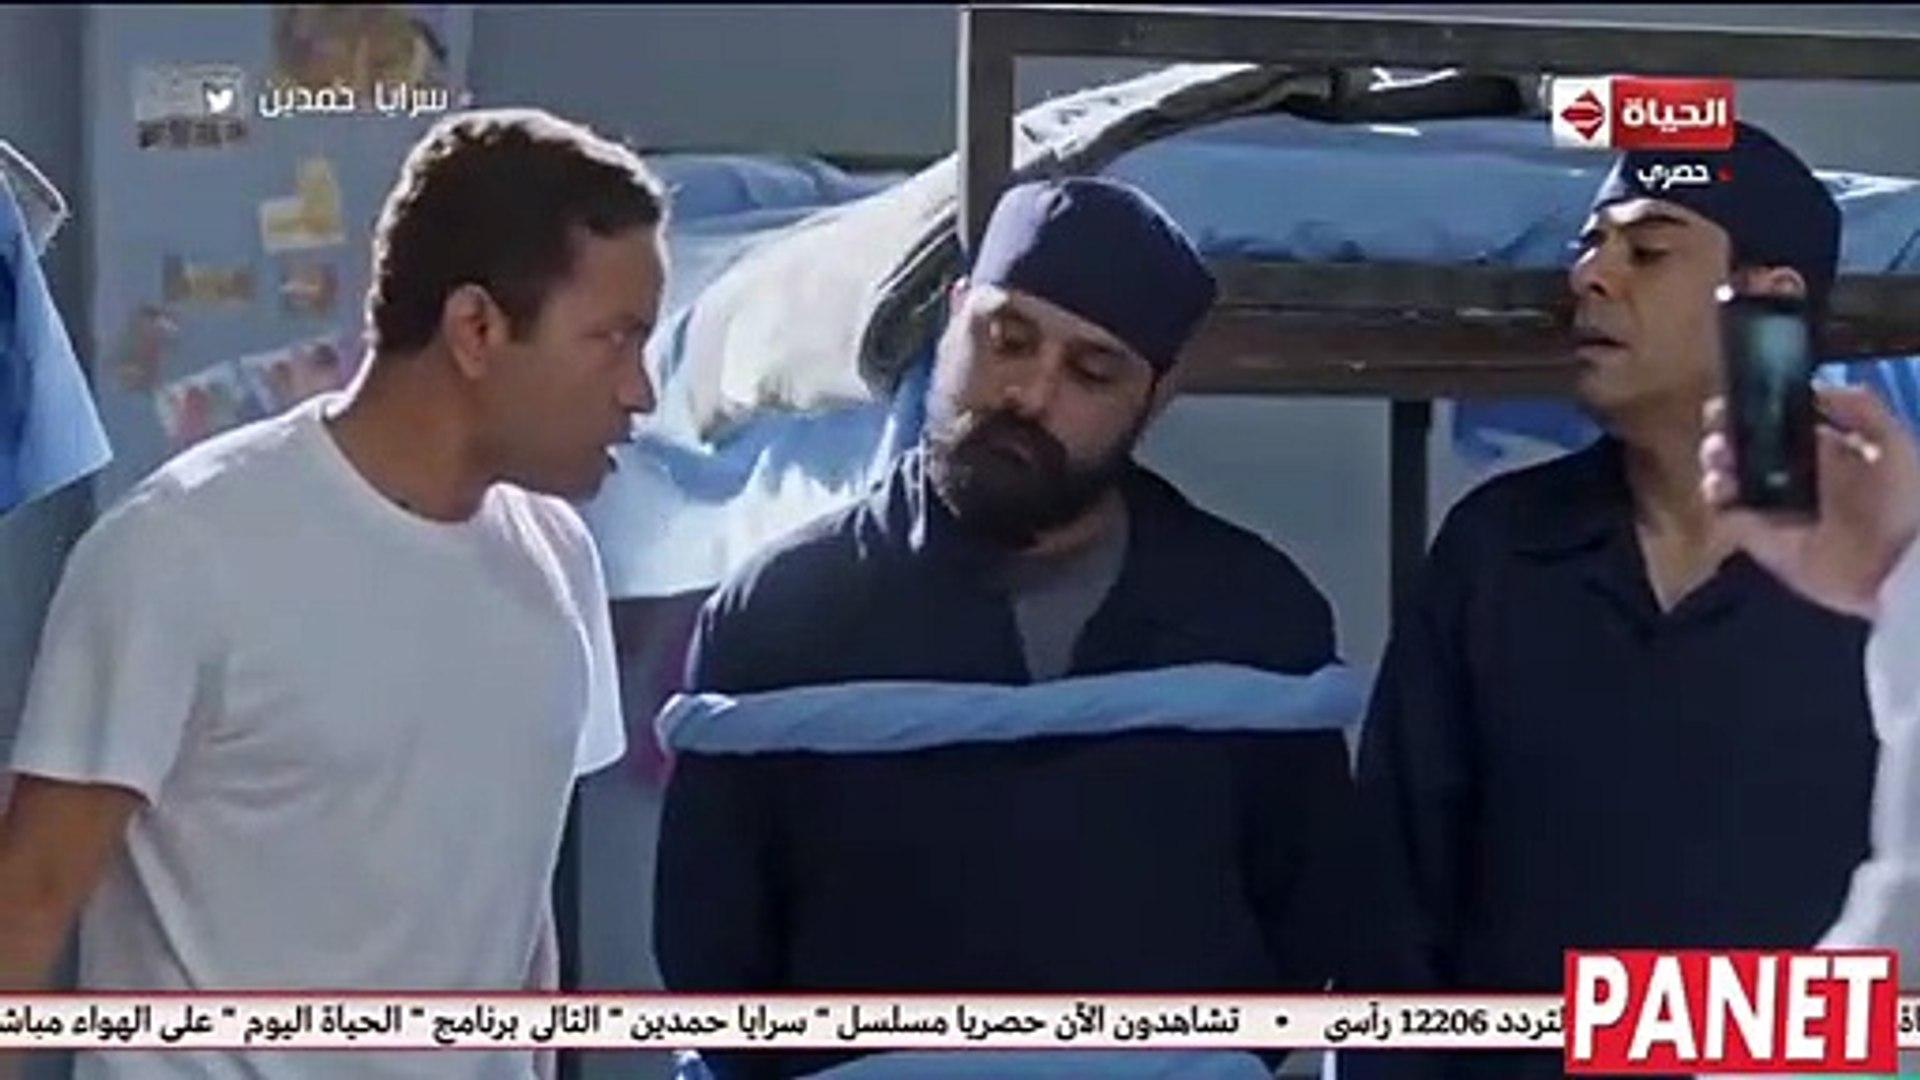 سرايا حمدين الحلقة 40